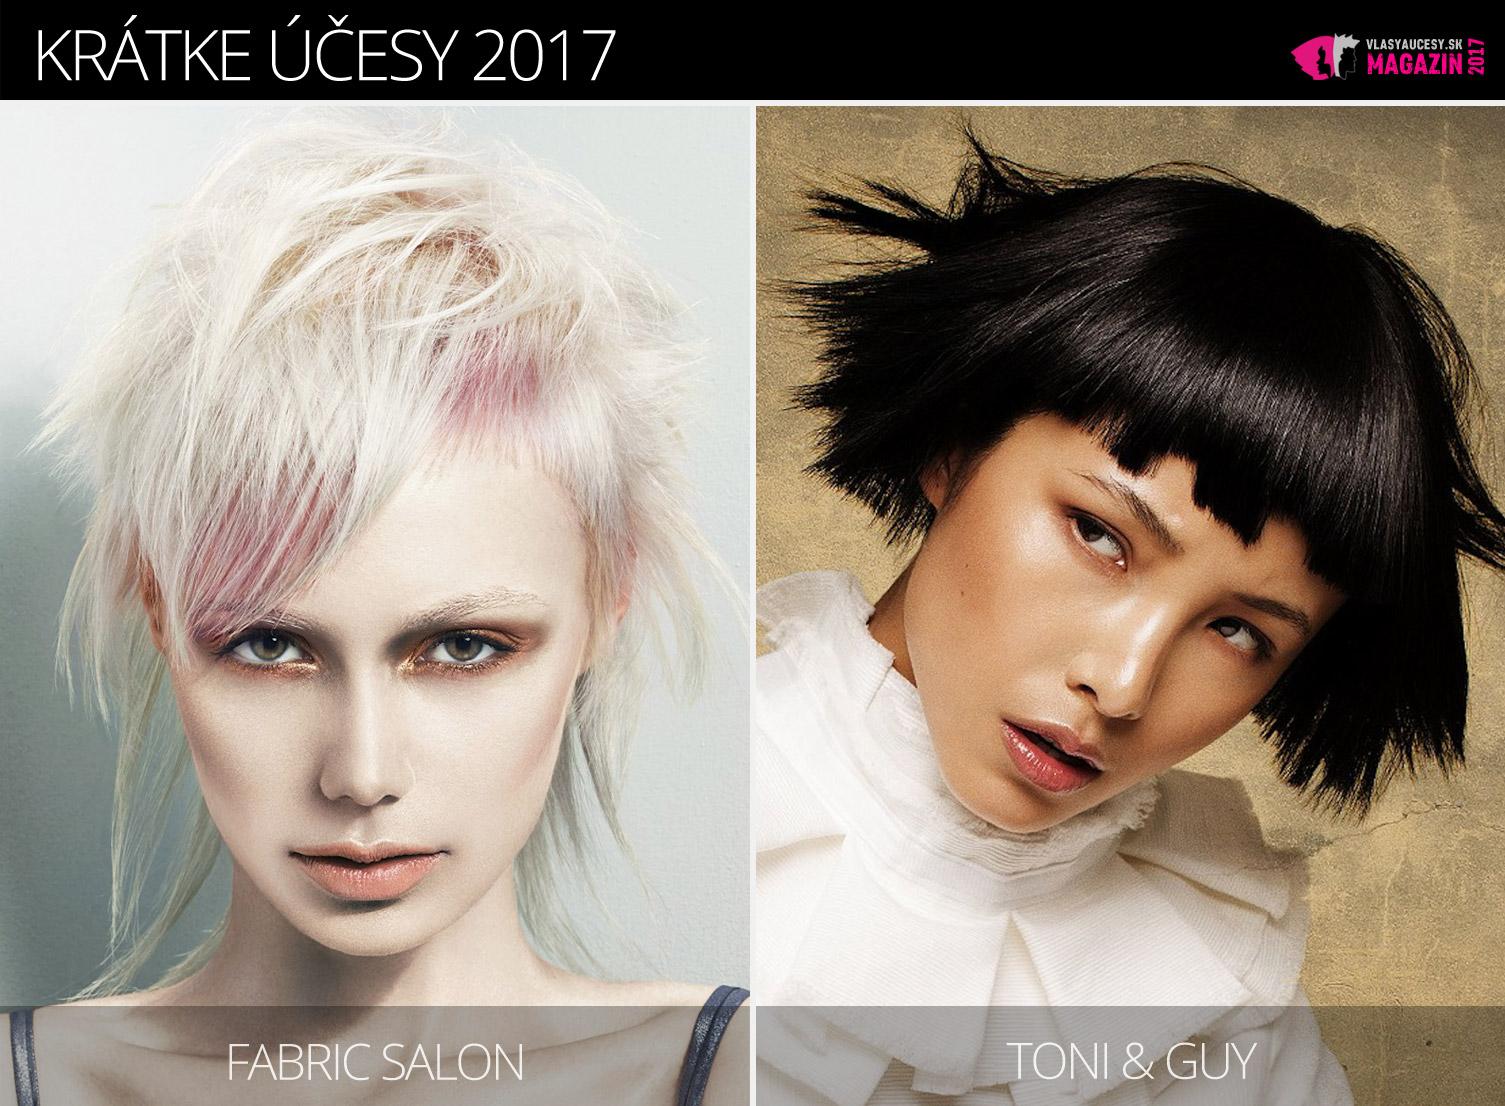 Tipy redakcie magazínu Vlasy a účesy na trendy krátke účesy zima 2017. Účesy pre krátke vlasy 2017 sú z kolekcií Fabric Salon a Toni&Guy.